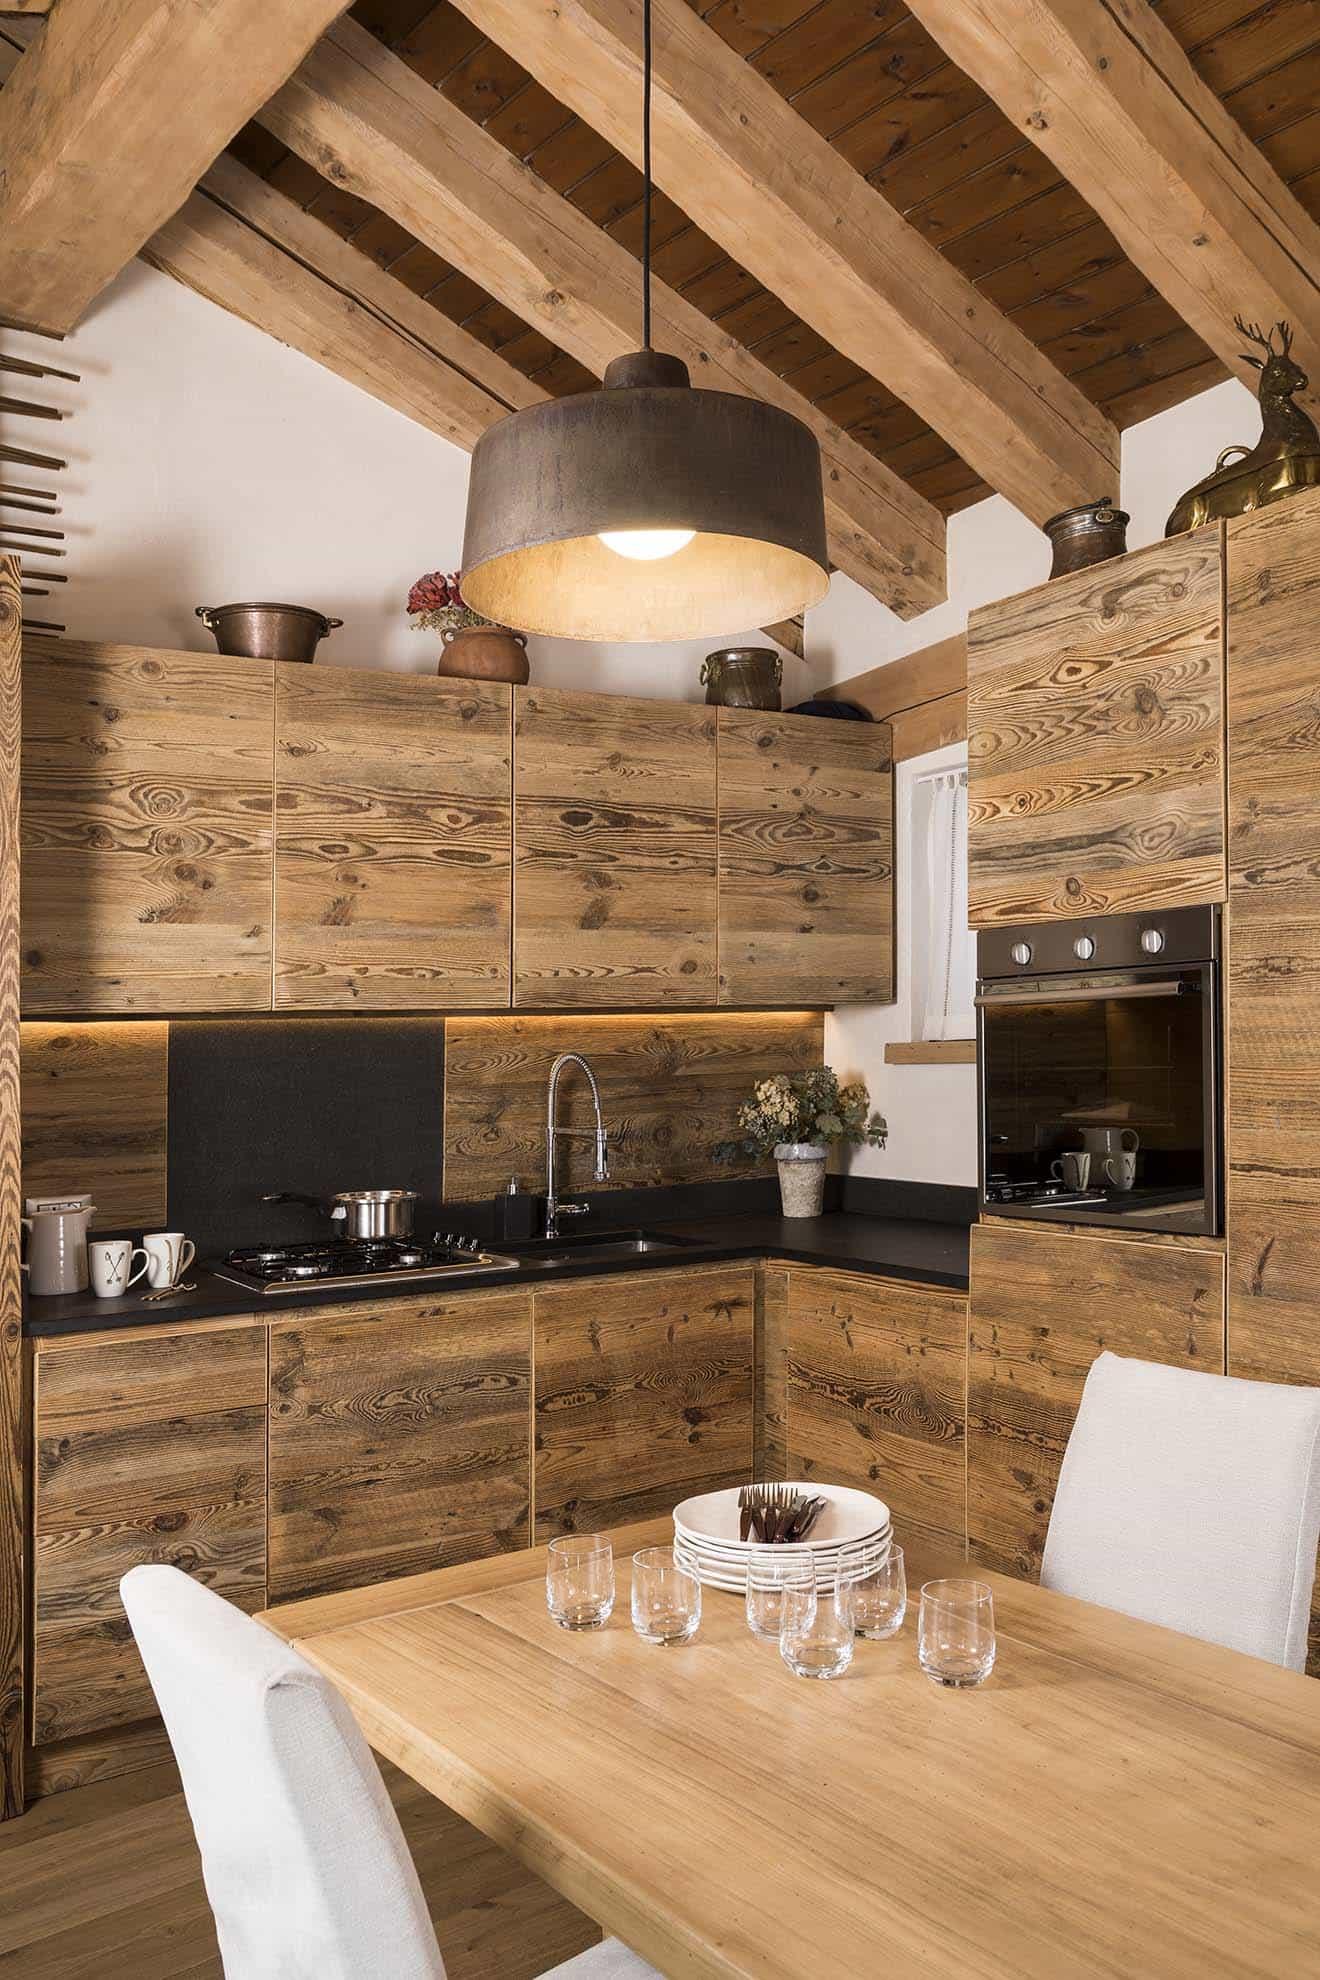 Ristrutturazione e interior design appartamento Pré Saint Didier - Zanetti Cantieri